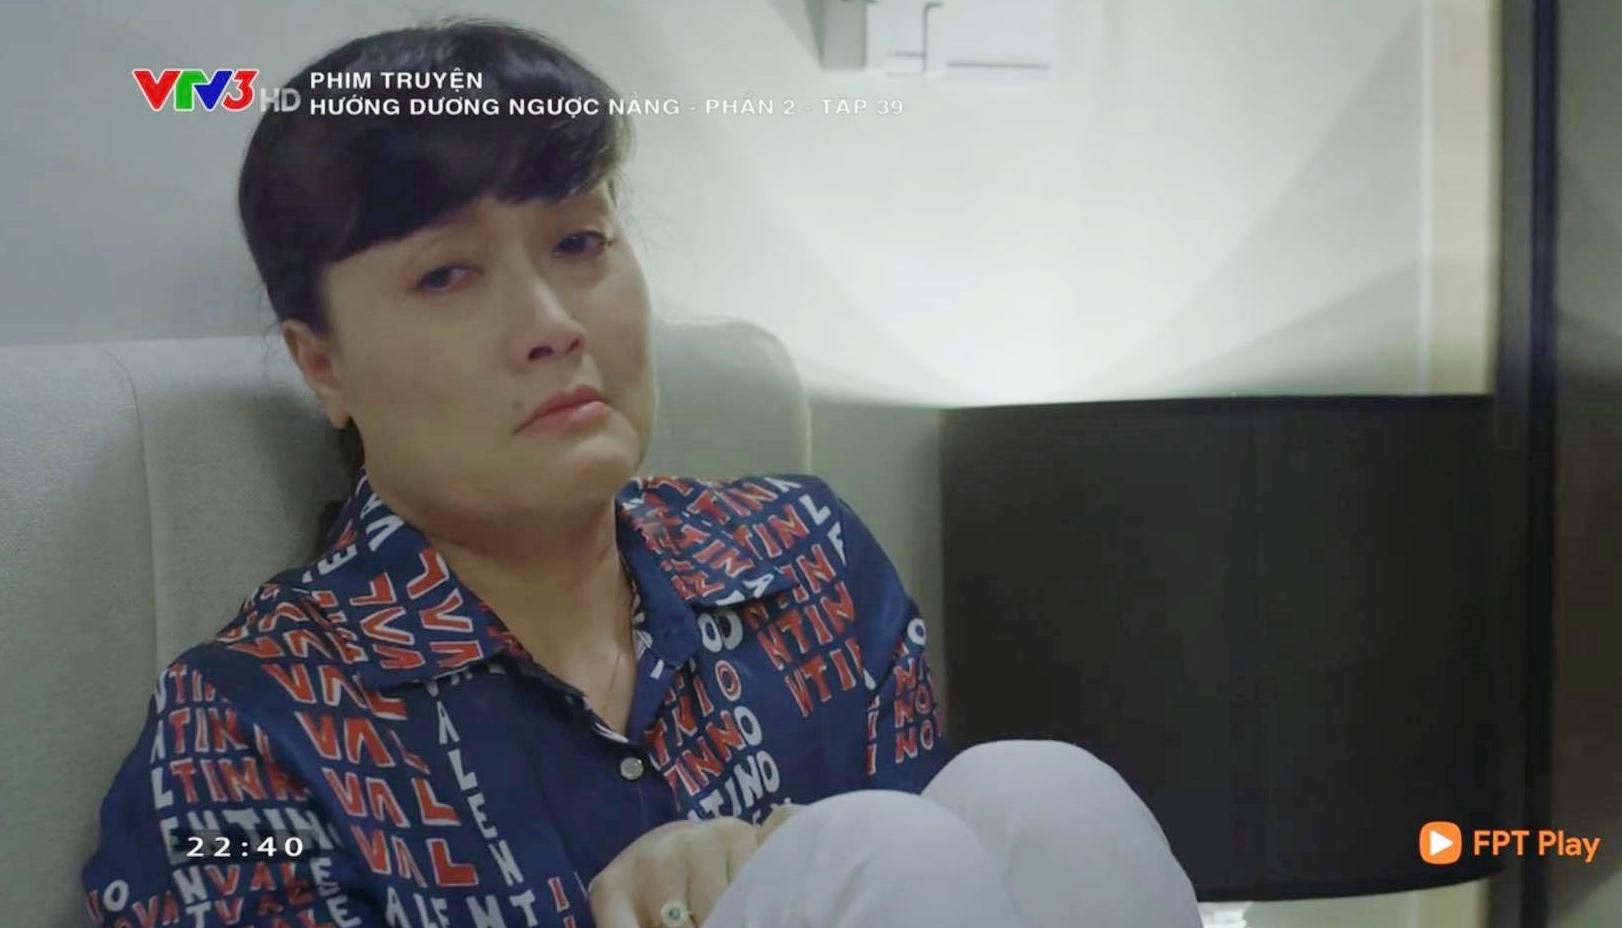 Hướng dương ngược nắng: Khán giả suýt quên Diễm Loan ung thư tụy giai đoạn  cuối